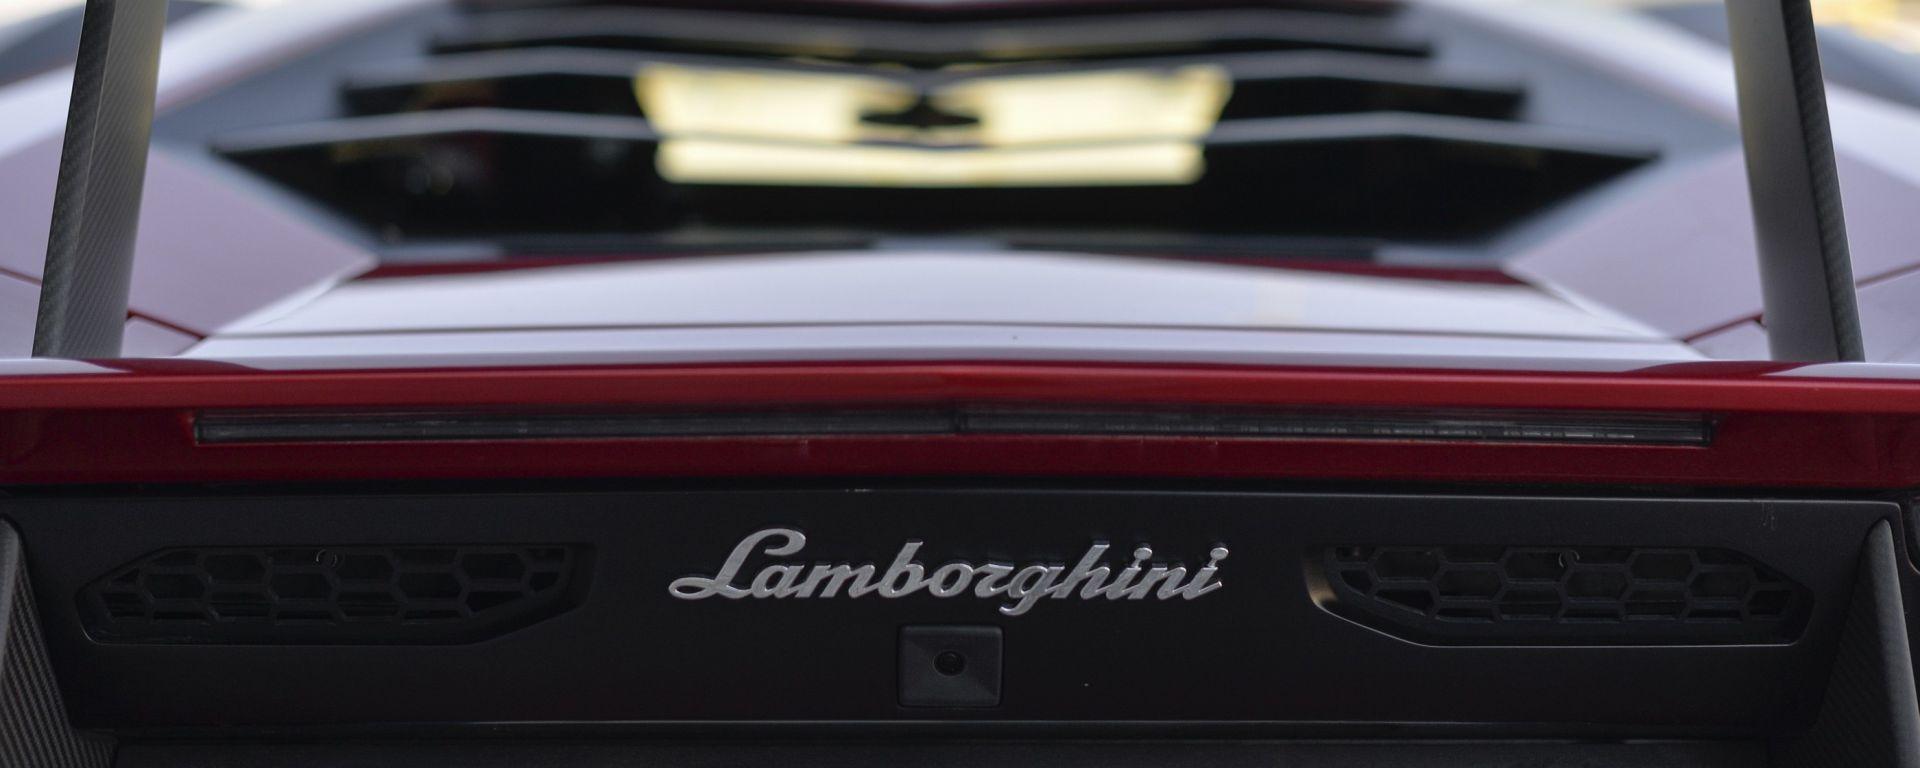 Nuova Aventador 2020: sarà la prima Lamborghini V12 ibrida